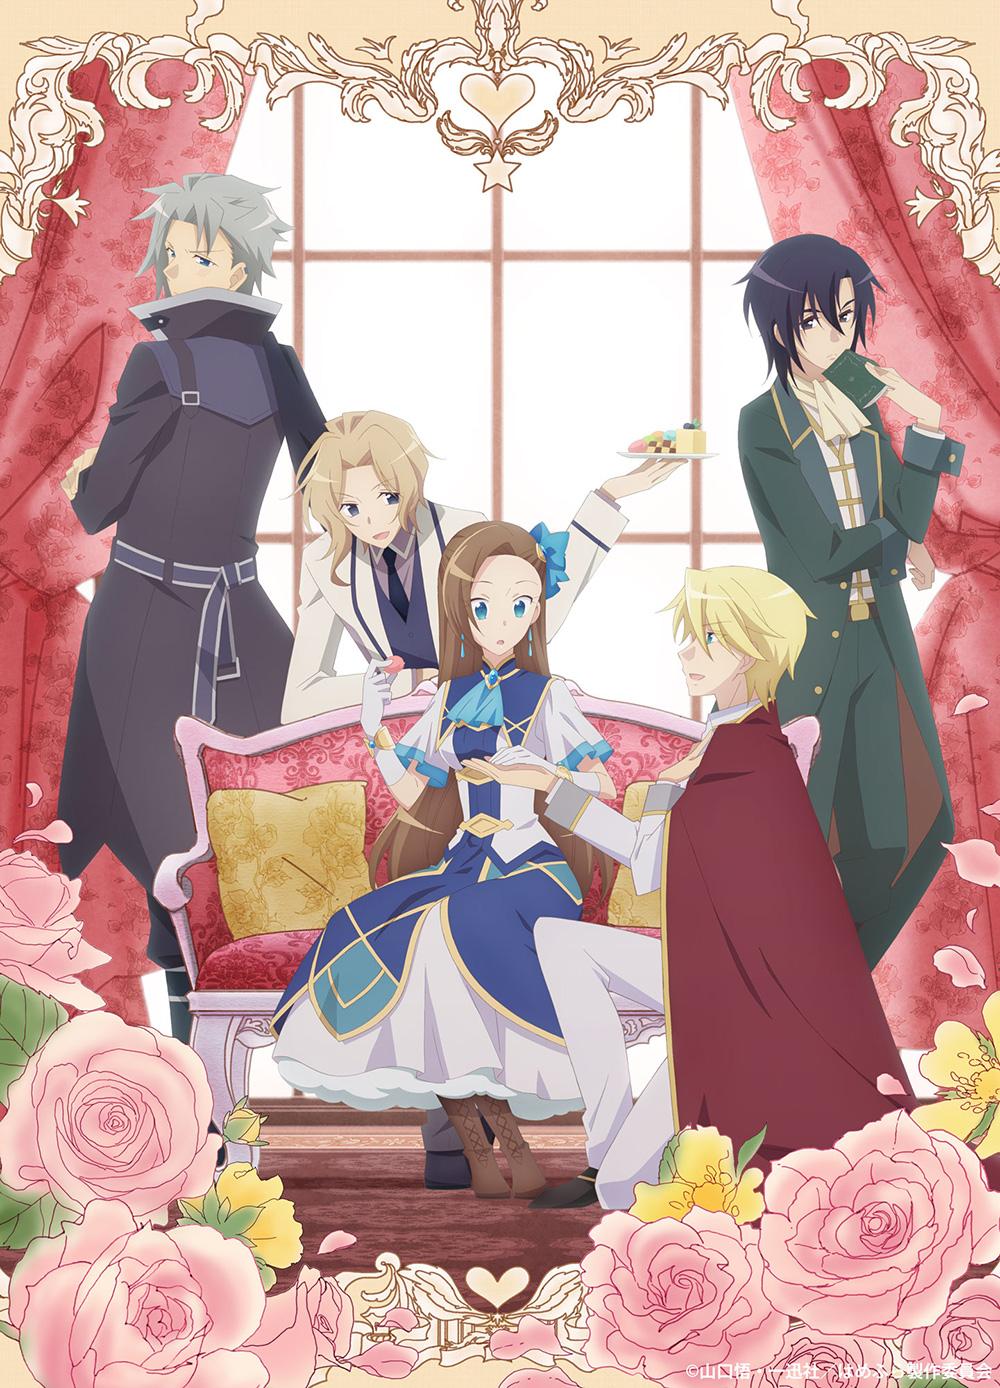 Otome-Game-no-Hametsu-Flag-shika-Nai-Akuyaku-Reijou-ni-Tensei-shiteshimatta-Anime-Visual